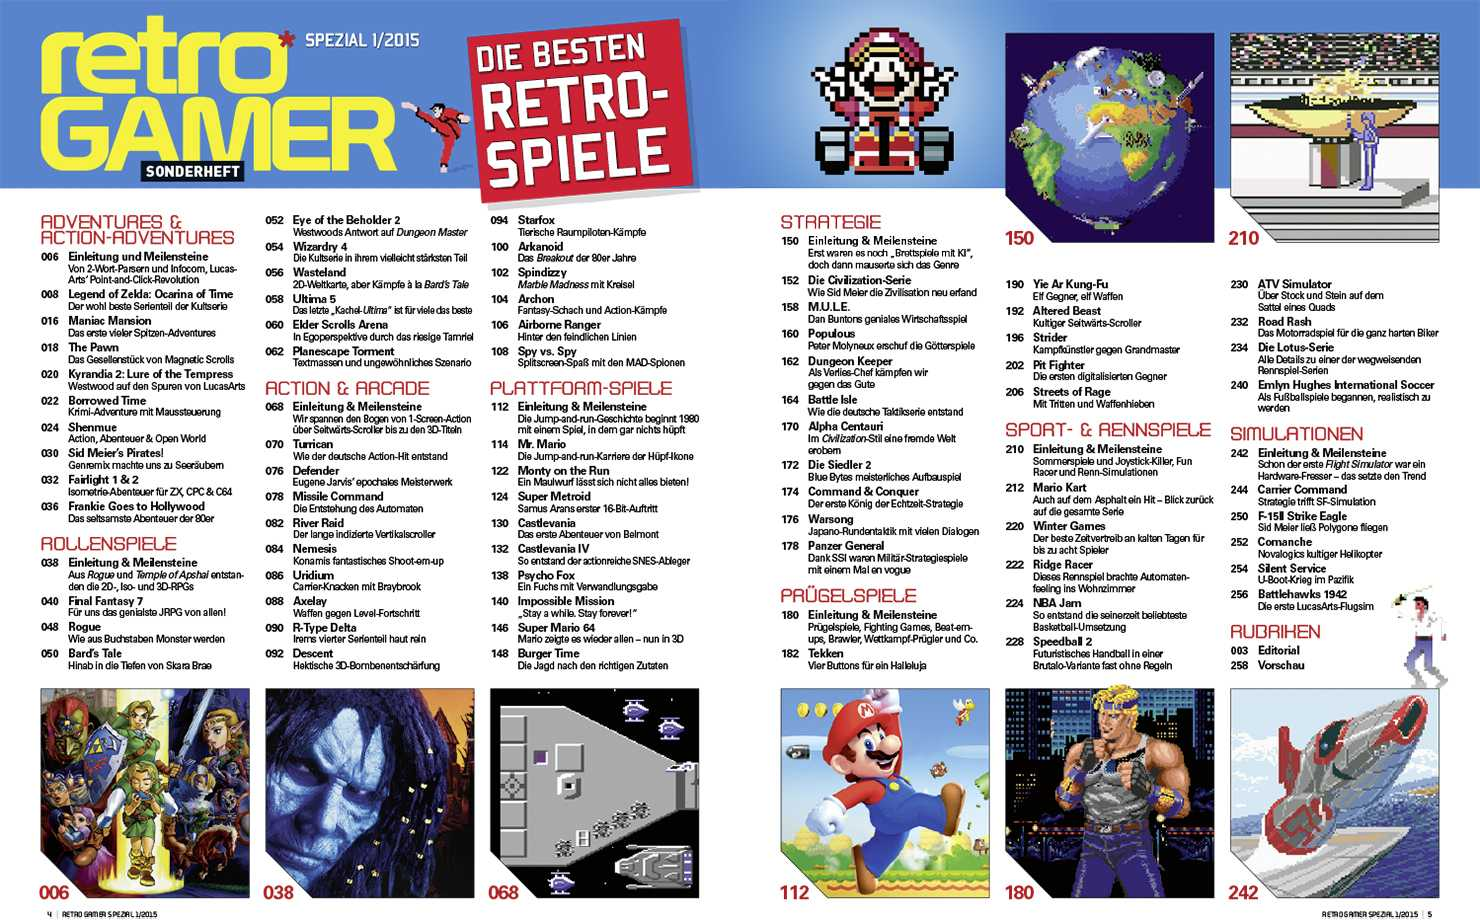 Sind das wirklich die 70 besten Retro-Spiele? Darüber lässt sich nach Letüre des Sonderheftes gepflegt diskutieren.